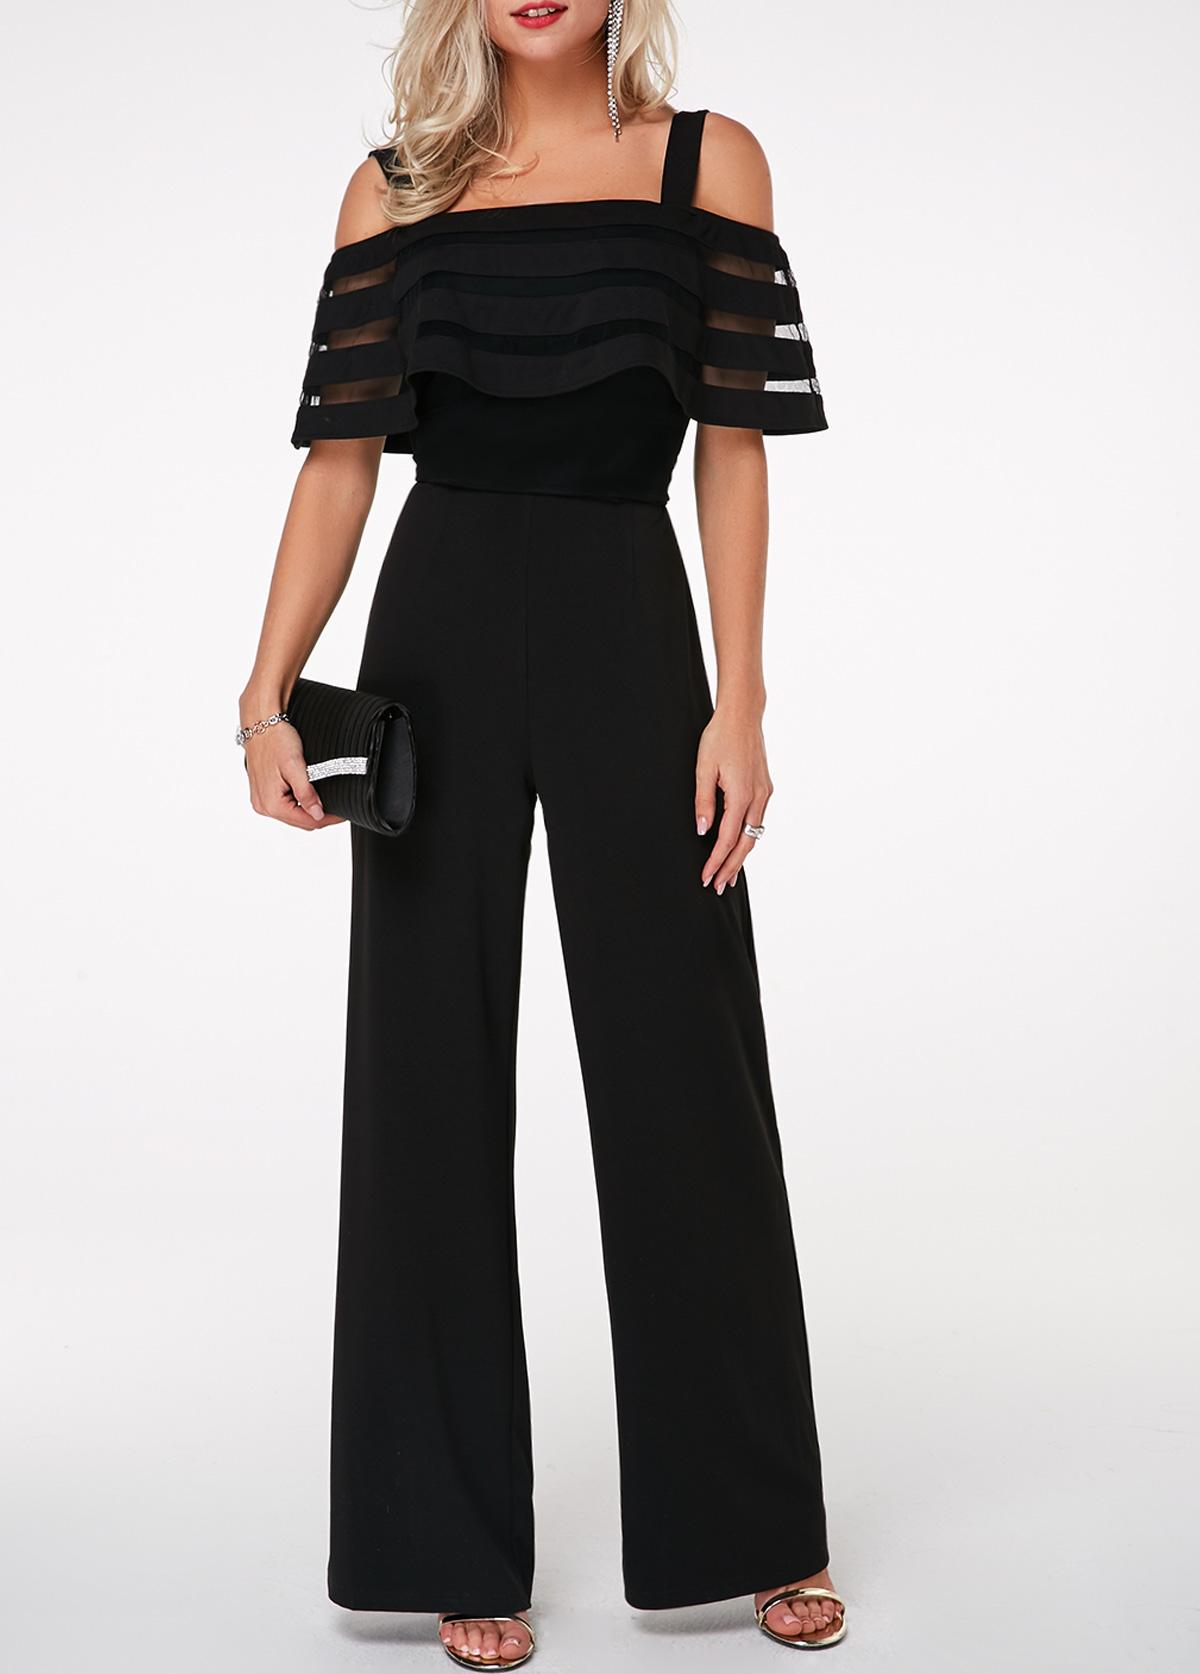 Strappy Cold Shoulder Black Overlay Embellished Jumpsuit